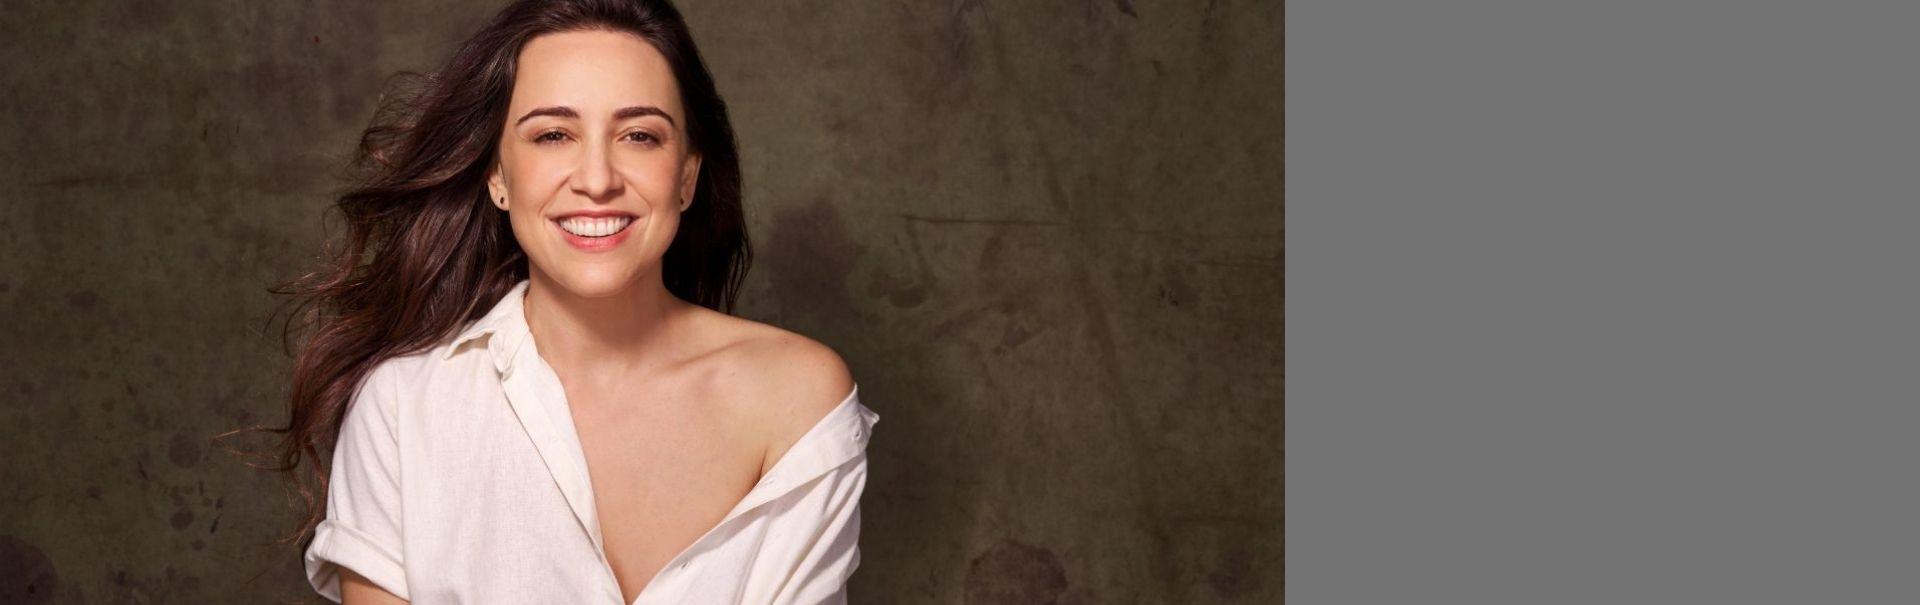 Roberta Sá, 15 anos de carreira